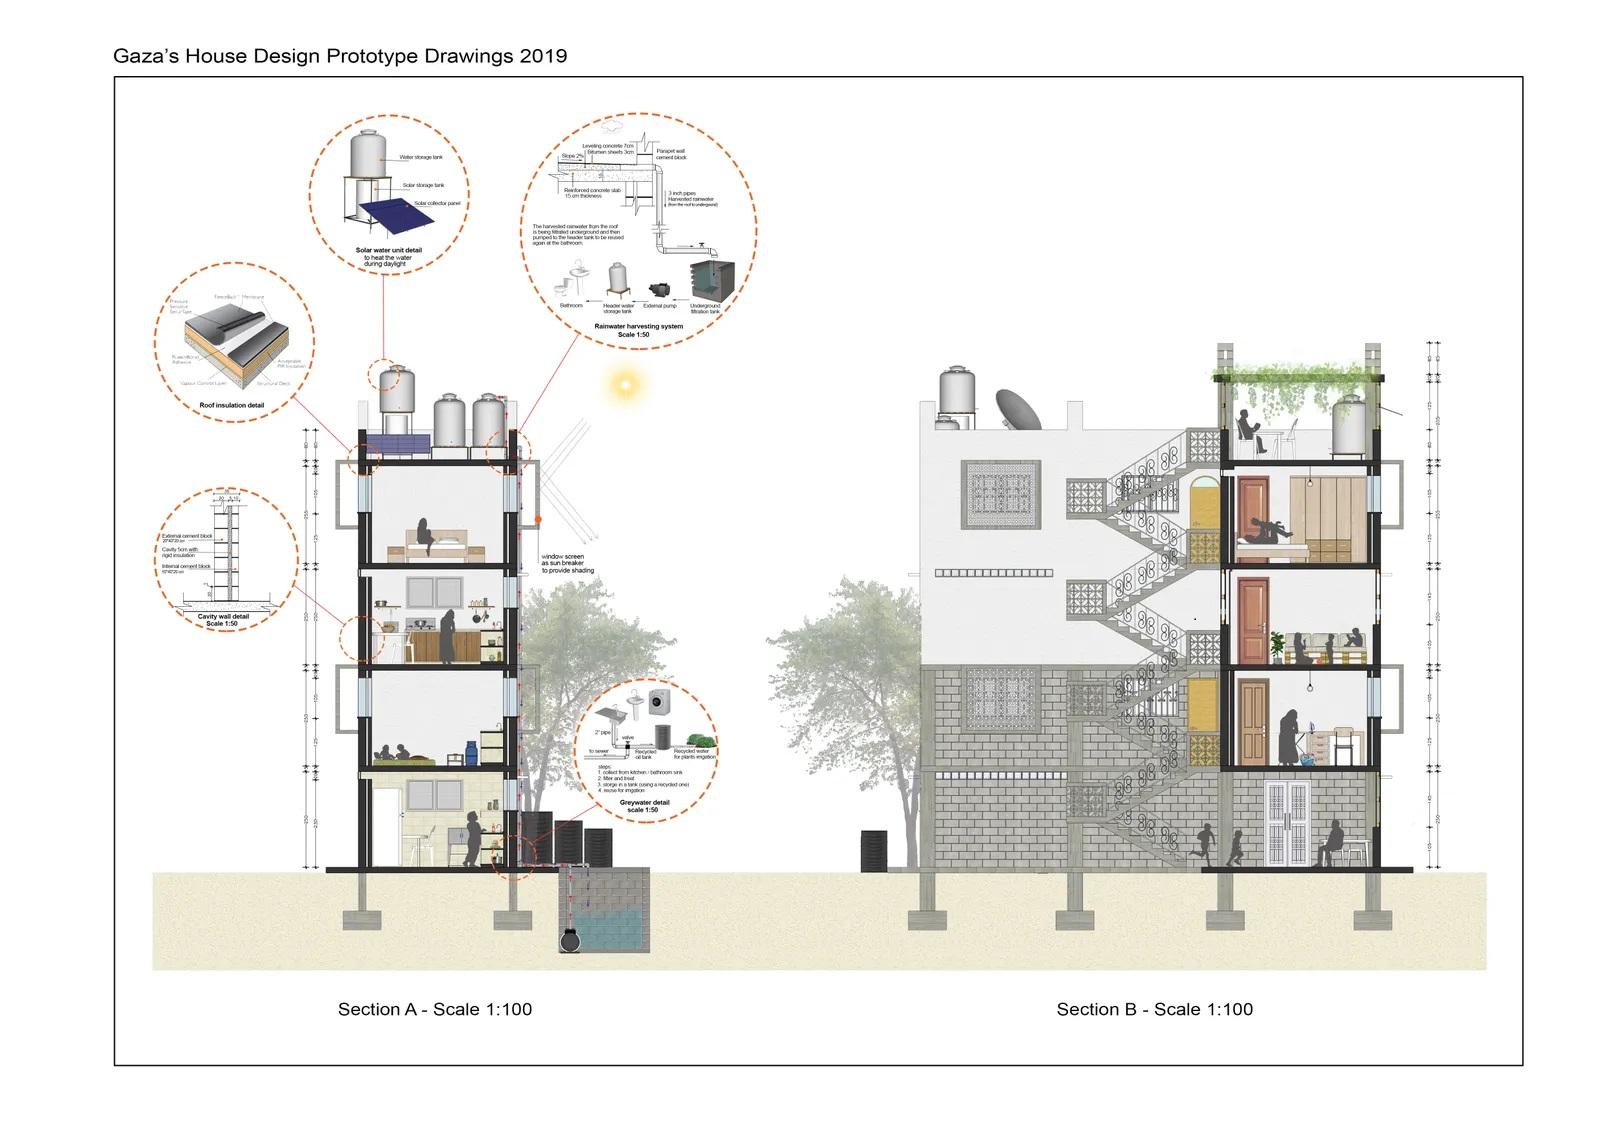 Háború és béke: új prototípust alkalmazva építik újjá a gázai övezetet